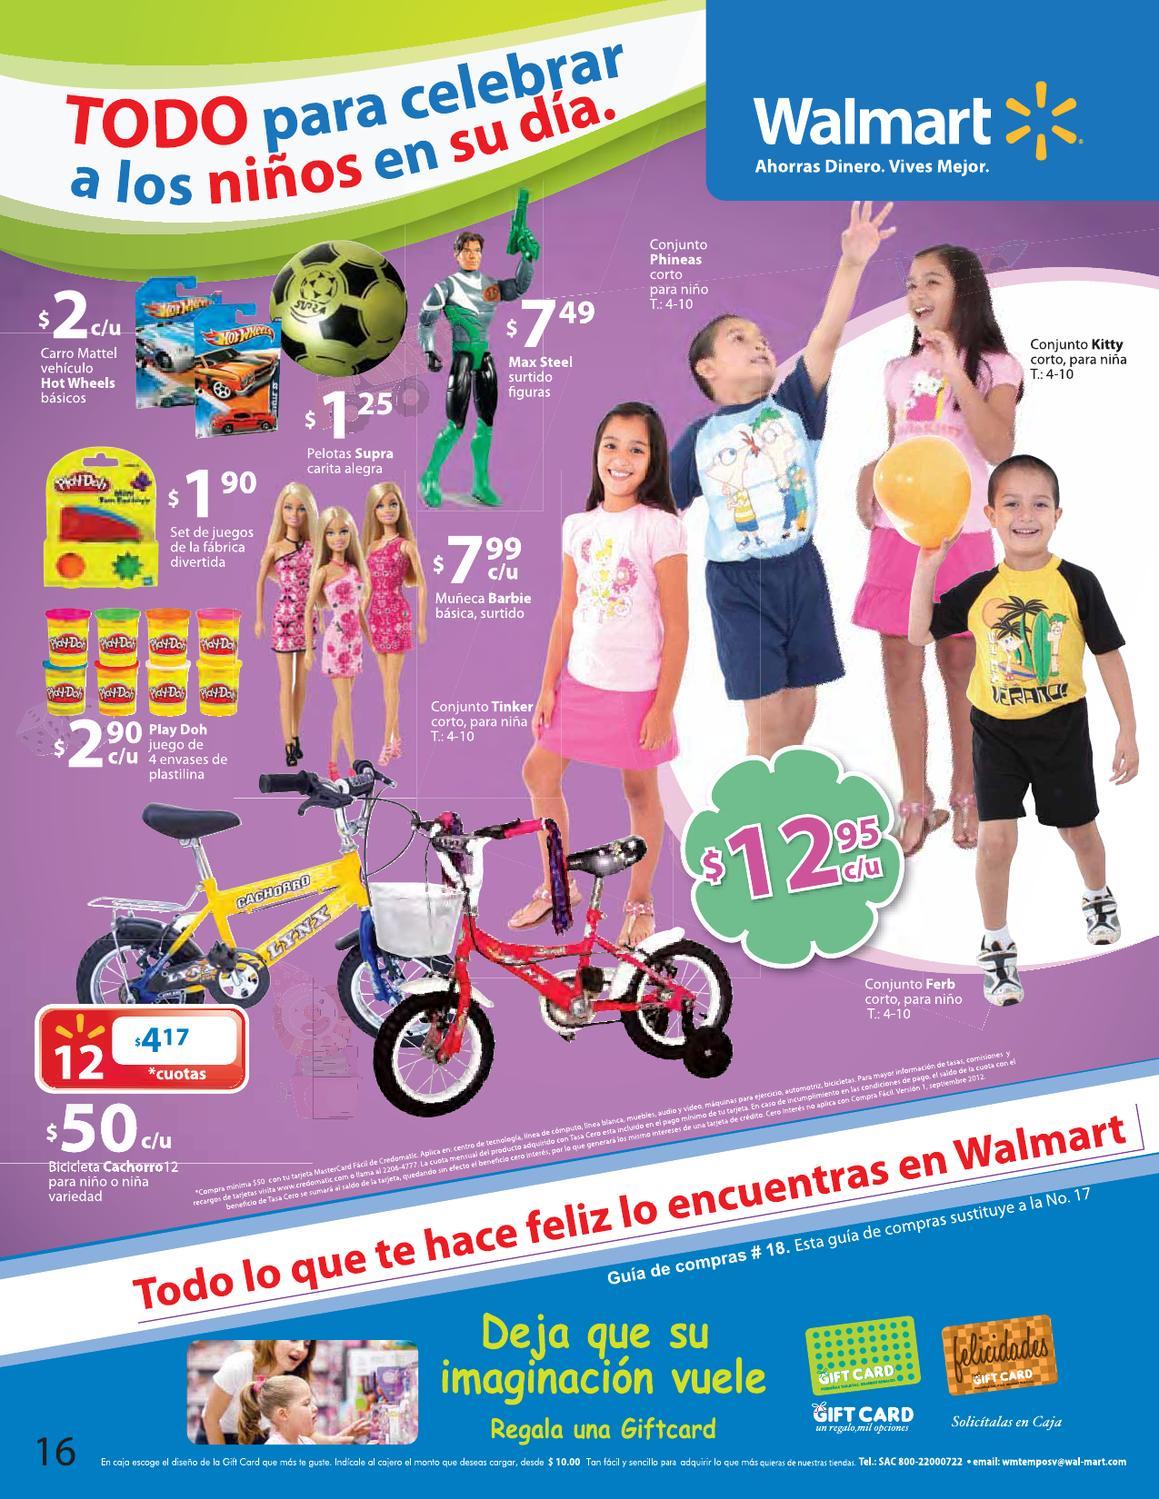 Walmart Guia de compras 18 - pag16